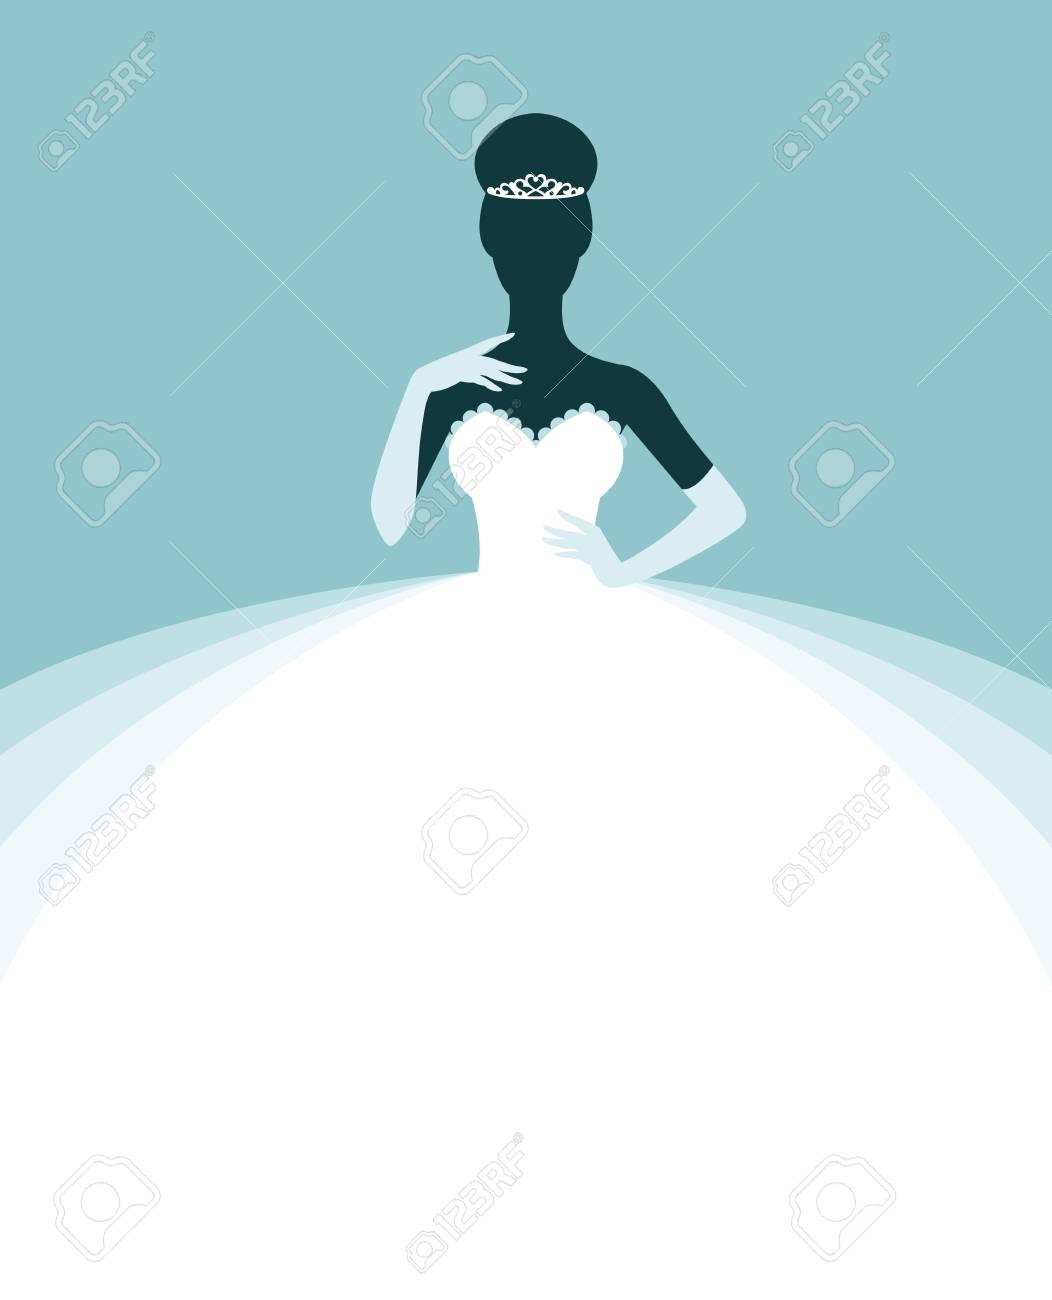 Schöne Frau In Einem Hochzeitskleid, Einladung Oder Flyer Vorlage Für Die  Braut Zeigen Vektor